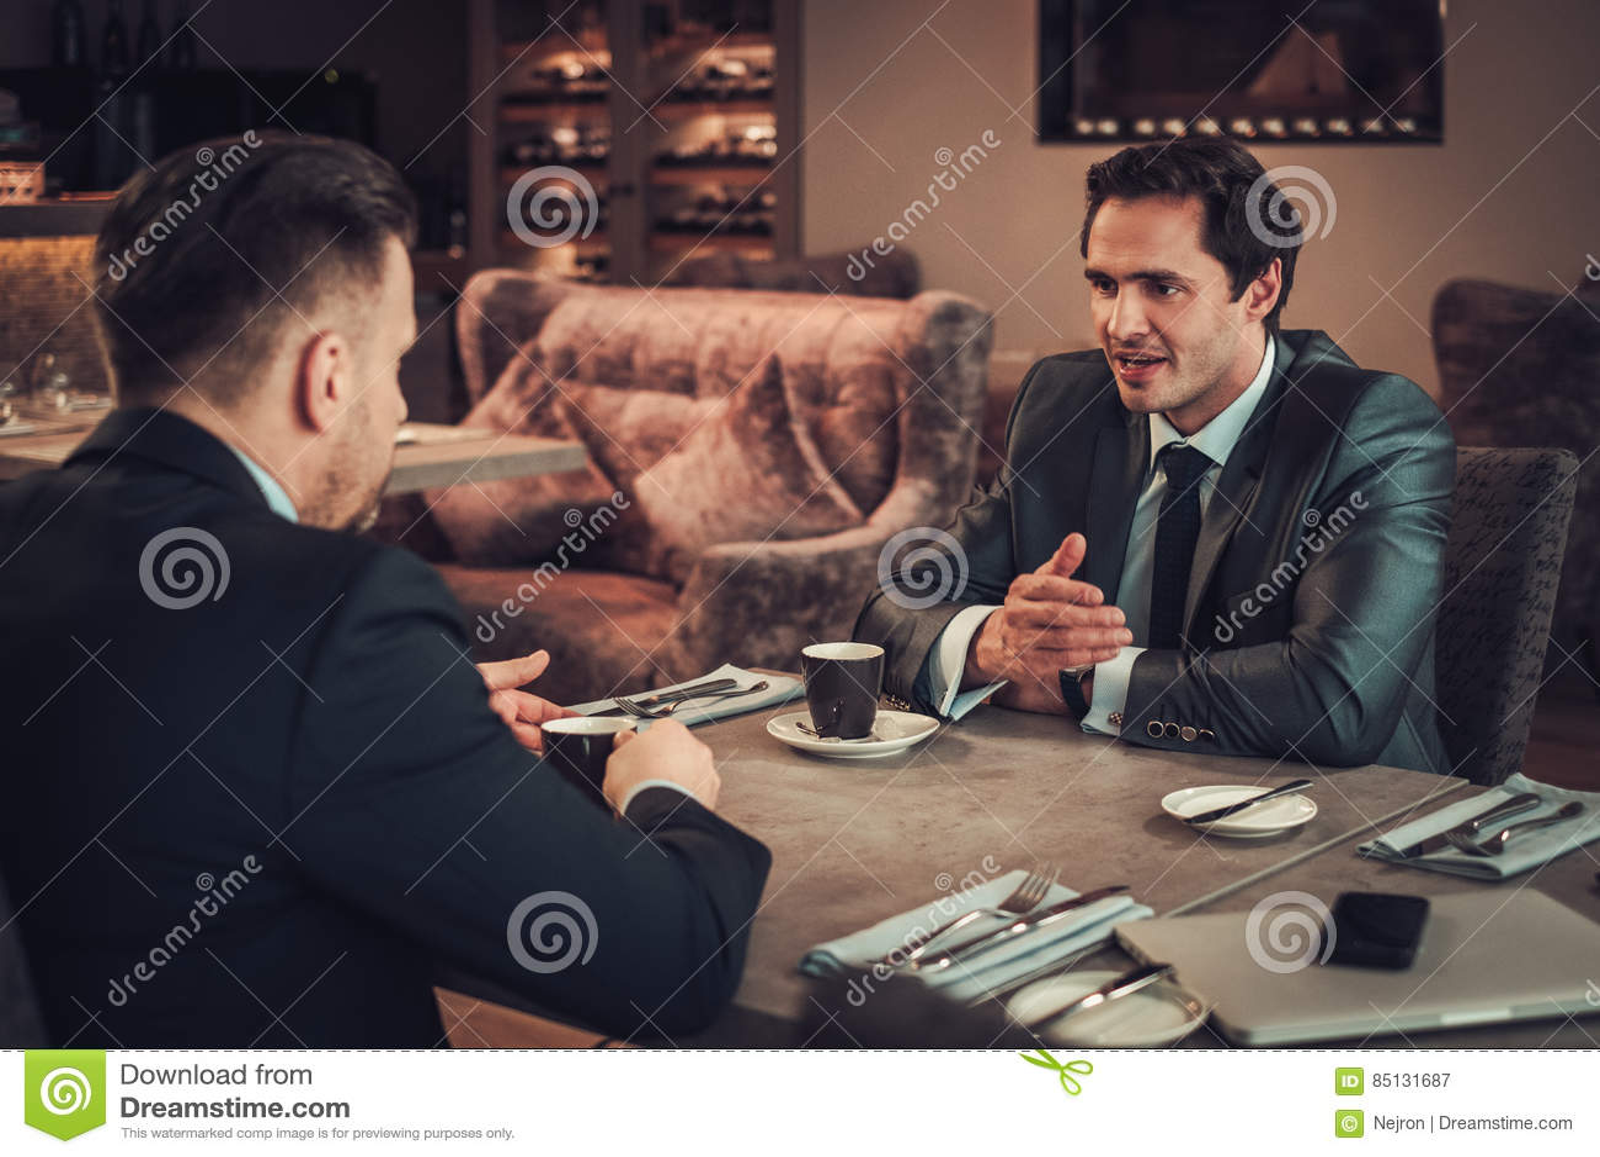 Zwei überzeugte Geschäftsleute essen Business-Lunch am Restaurant zu Mittag